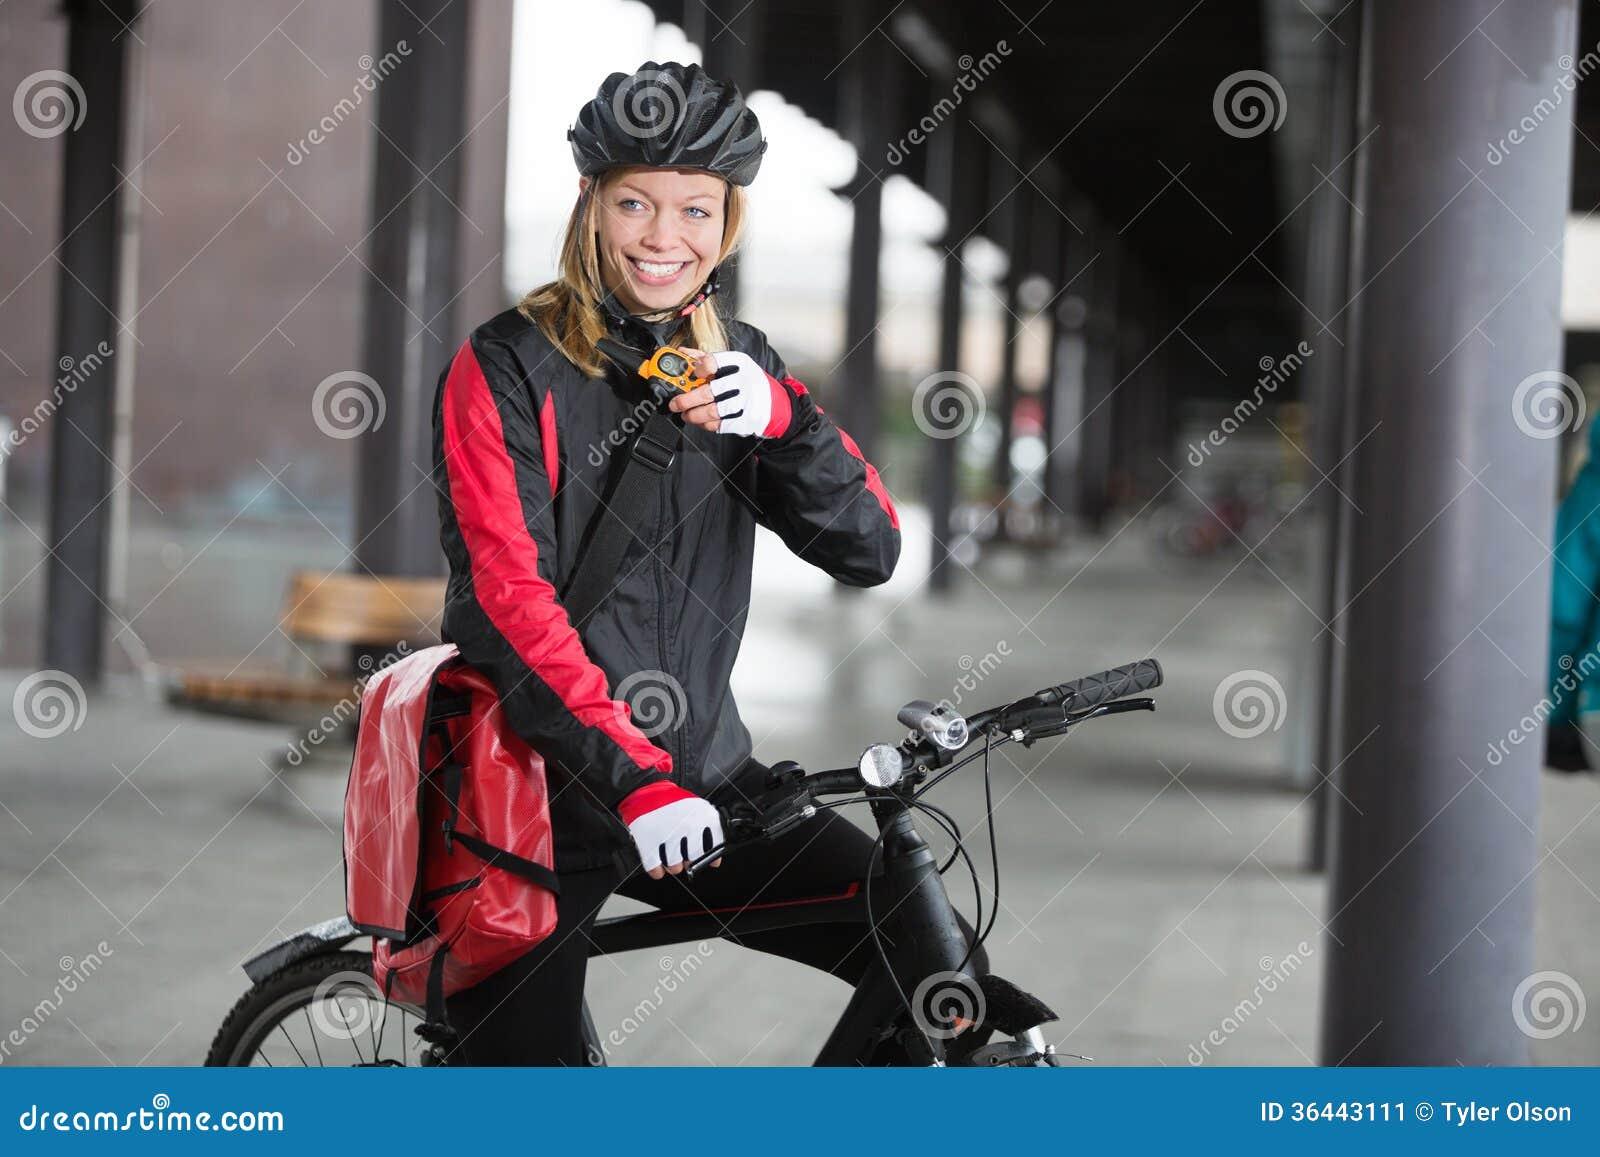 Θηλυκός ποδηλάτης με τη χρησιμοποίηση τσαντών αγγελιαφόρων